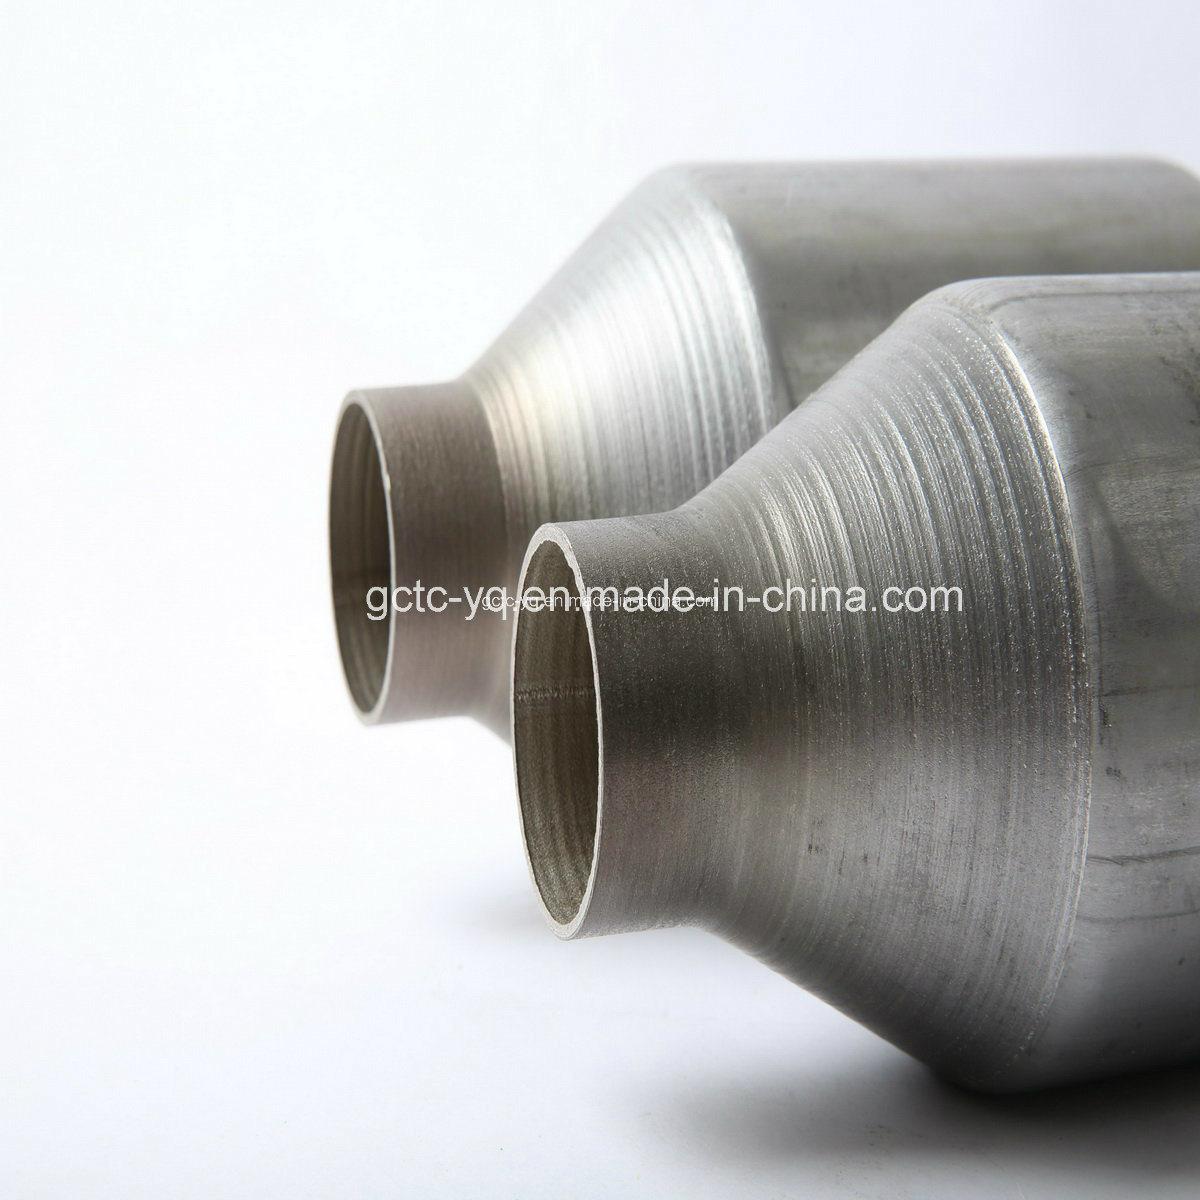 Metallic Catalyst for Exhaust Parts in Car